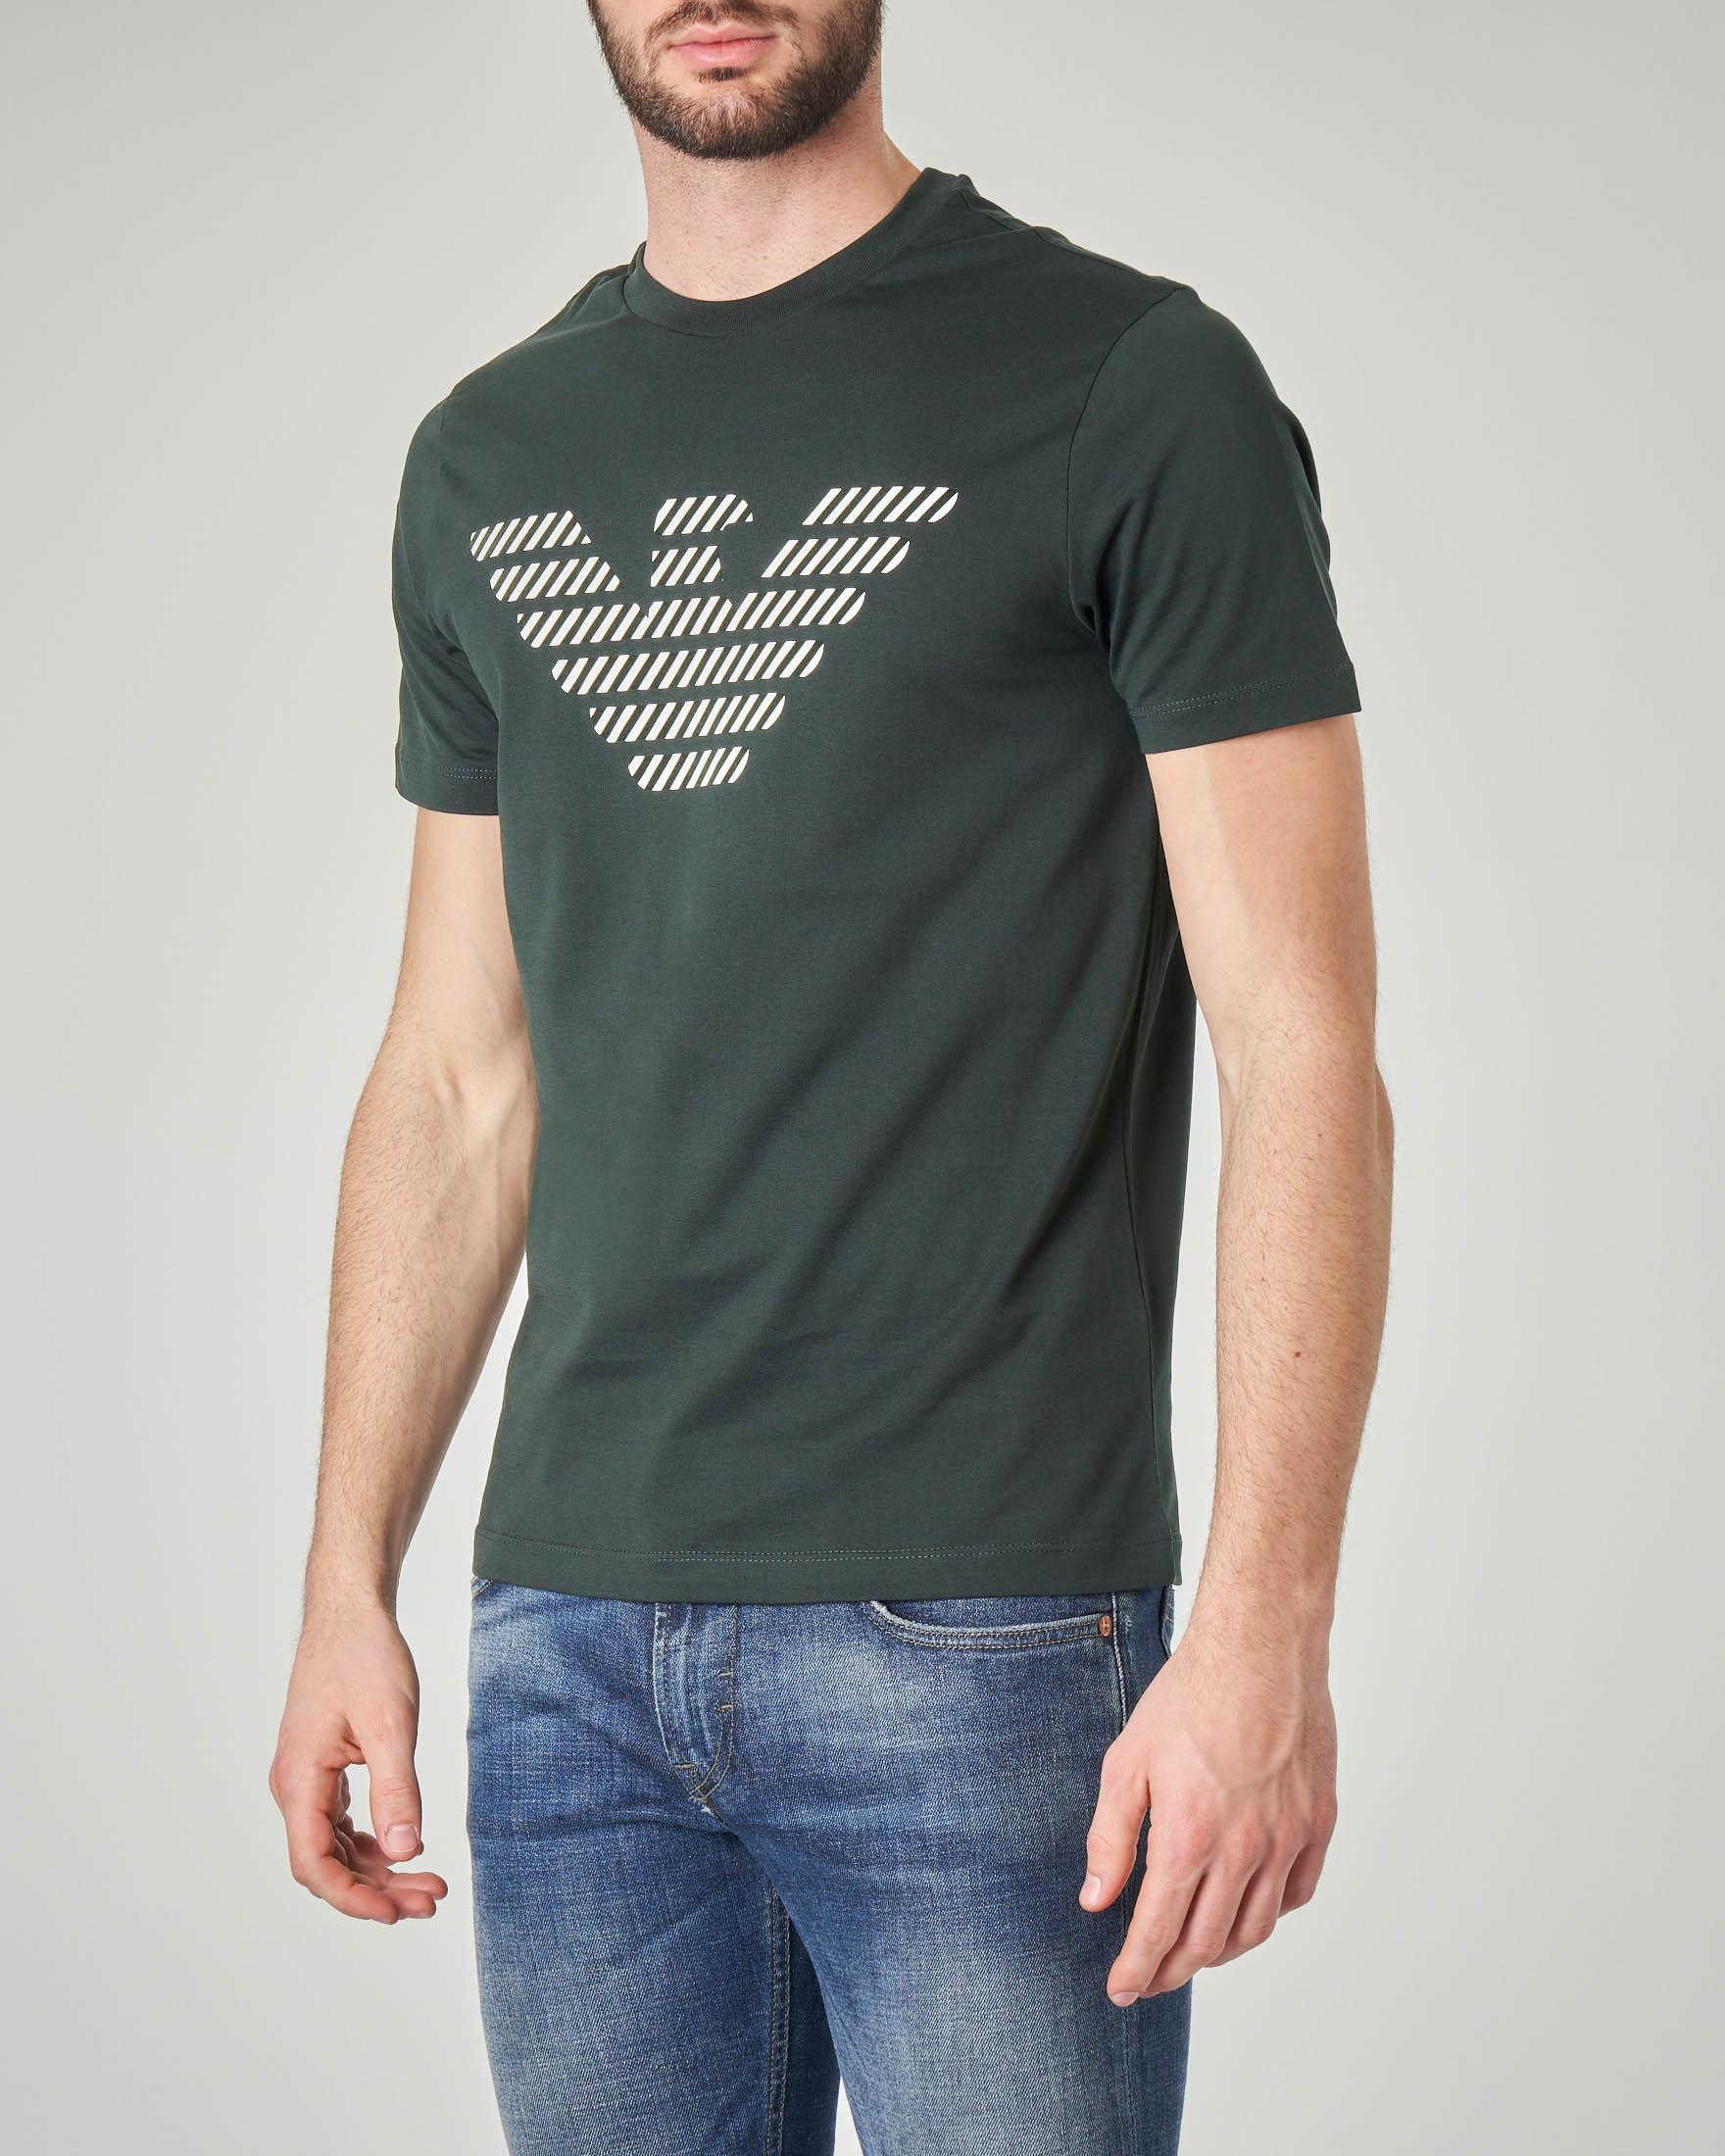 T-shirt verde scuro con logo aquila riempito a righe diagonali